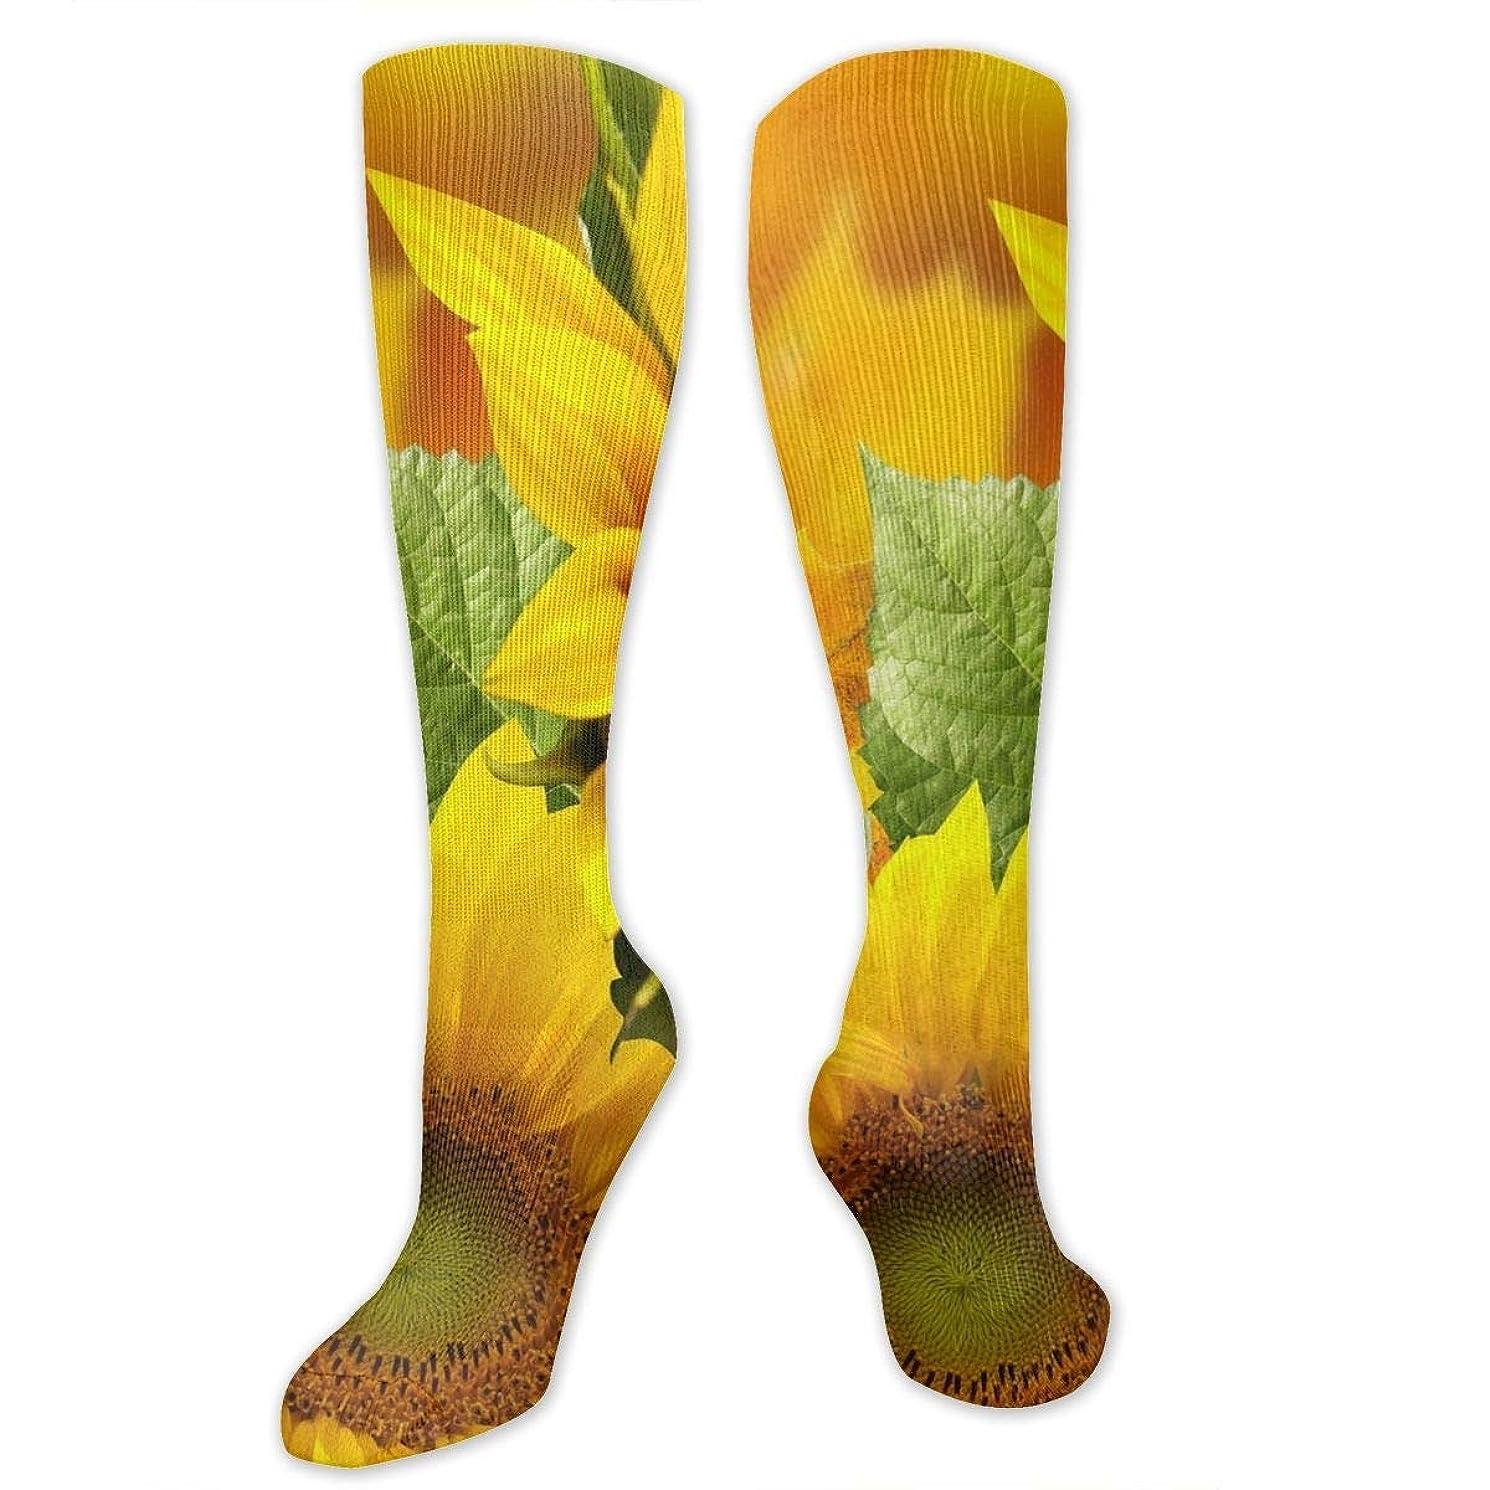 郡アンプ好意的qrriy黄色ヒマワリ- 3 D抗菌アスレチックソックス圧縮靴下クルーソックスロングスポーツ膝ハイソックス少年少女キッズ幼児